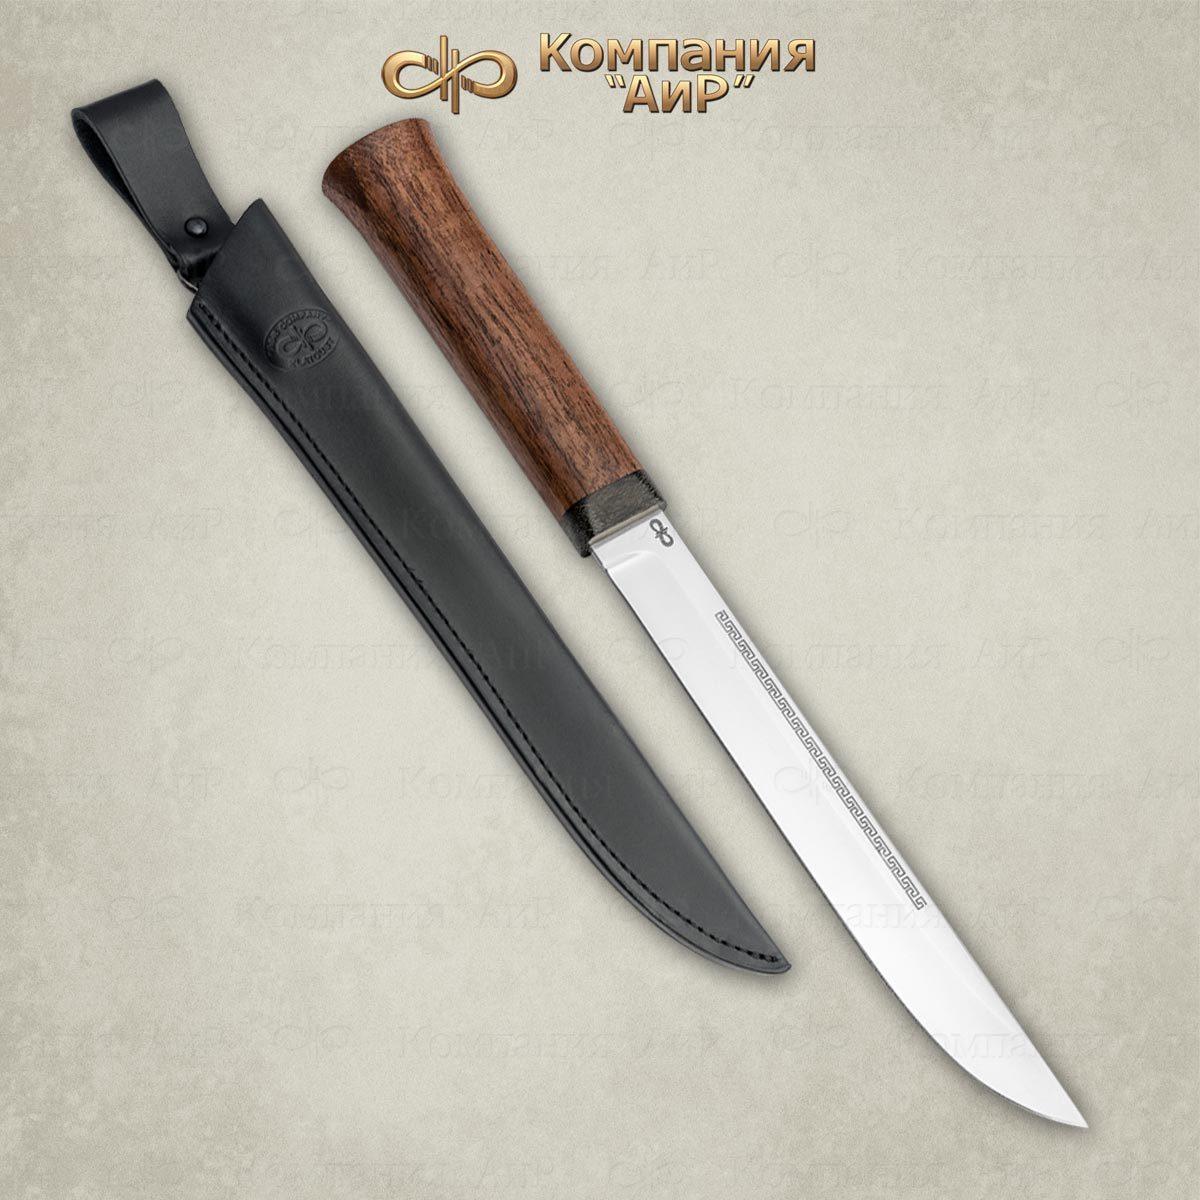 Нож АиР Бурятский средний,сталь 95х18, рукоять дерево